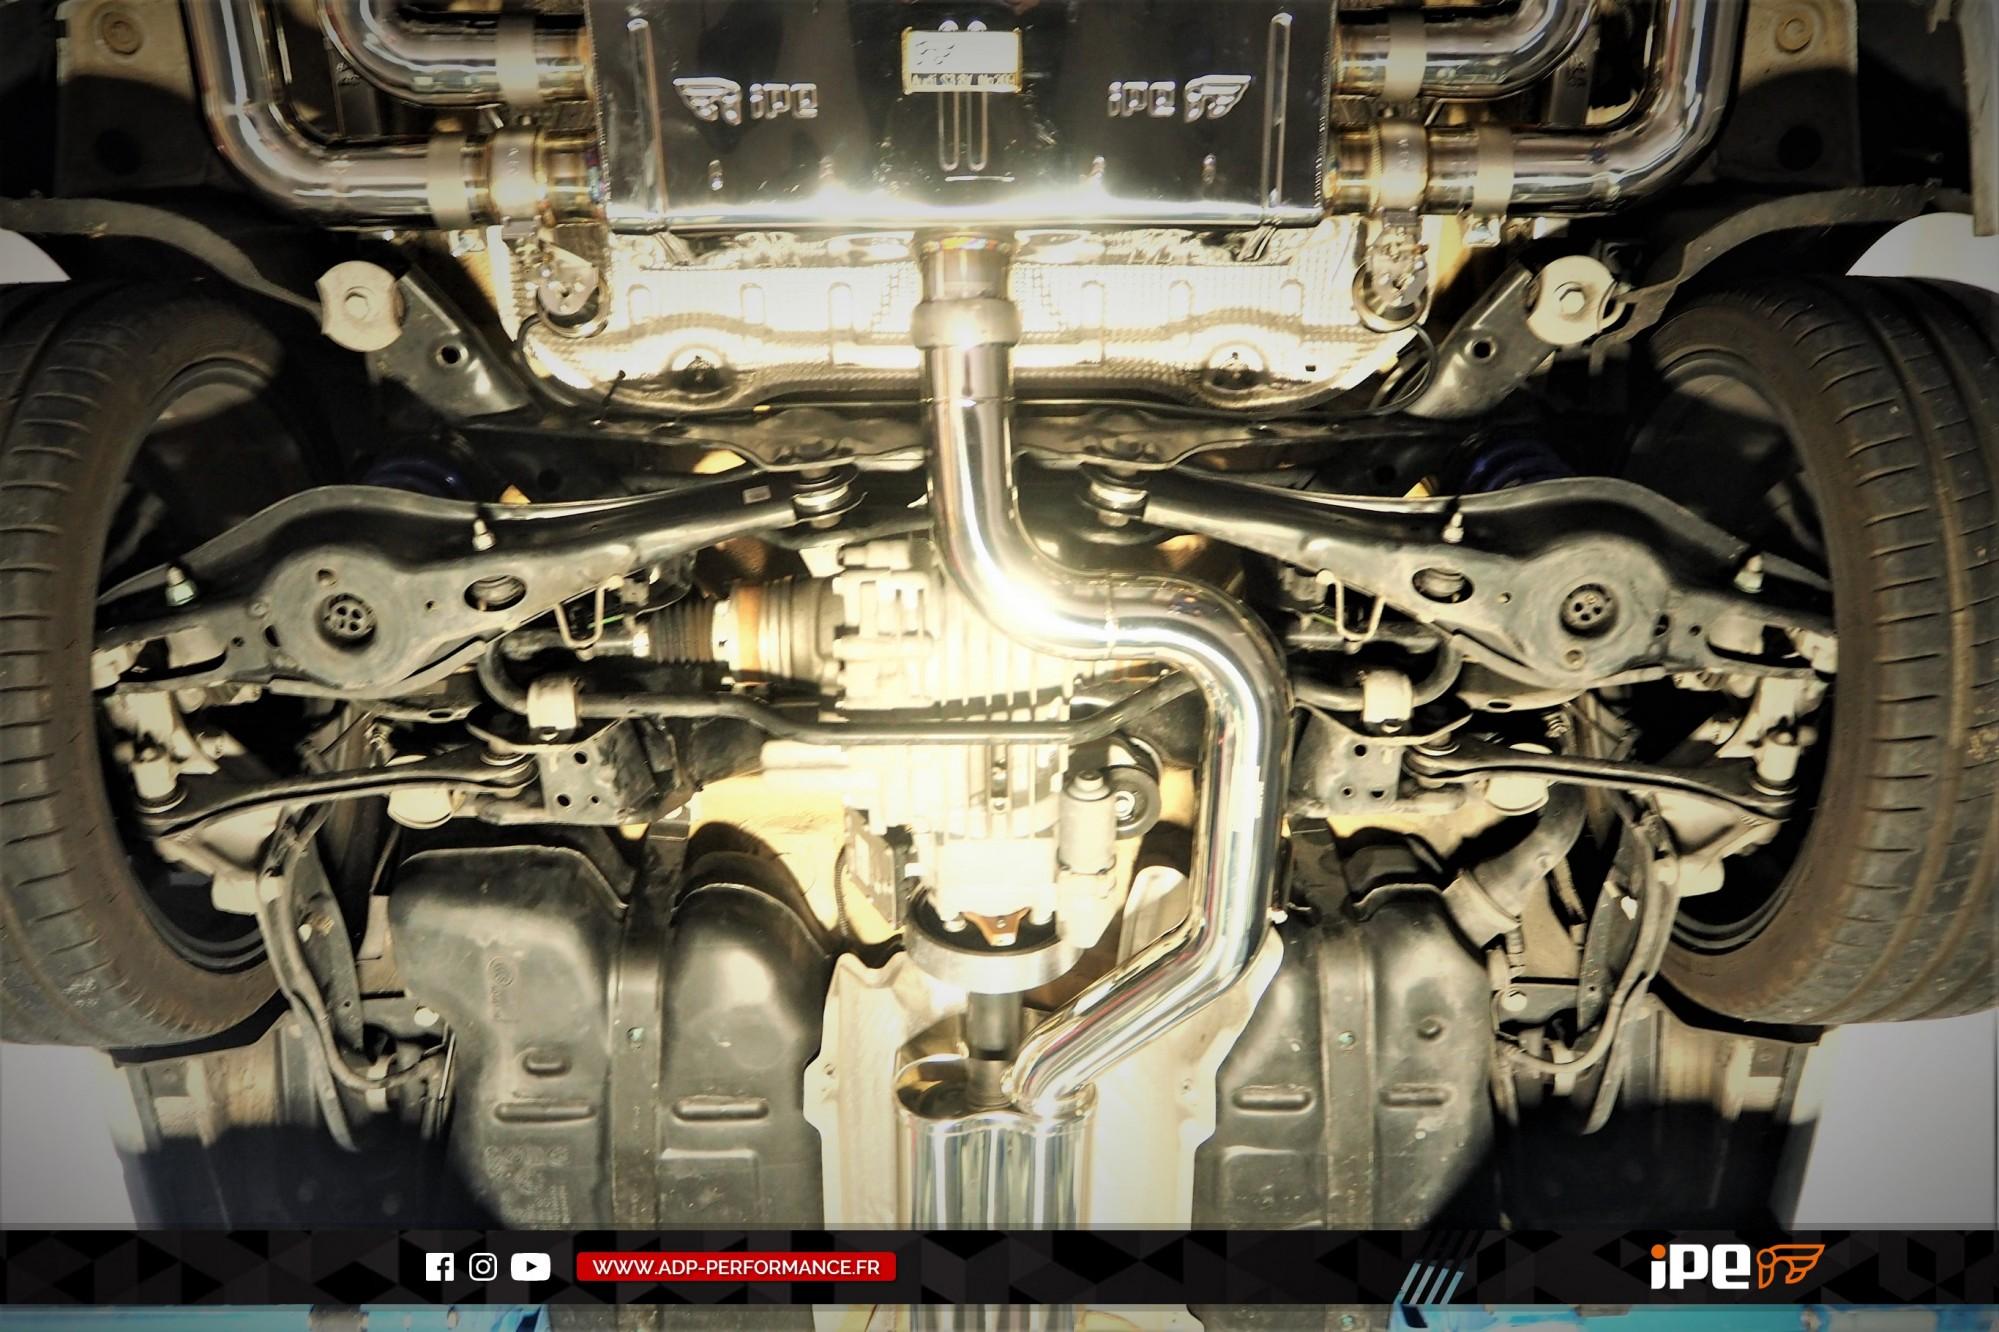 Ligne d'échappement (cat-back) iPE Innotech Aix en Provence - Audi S3 8V - ADP Performance